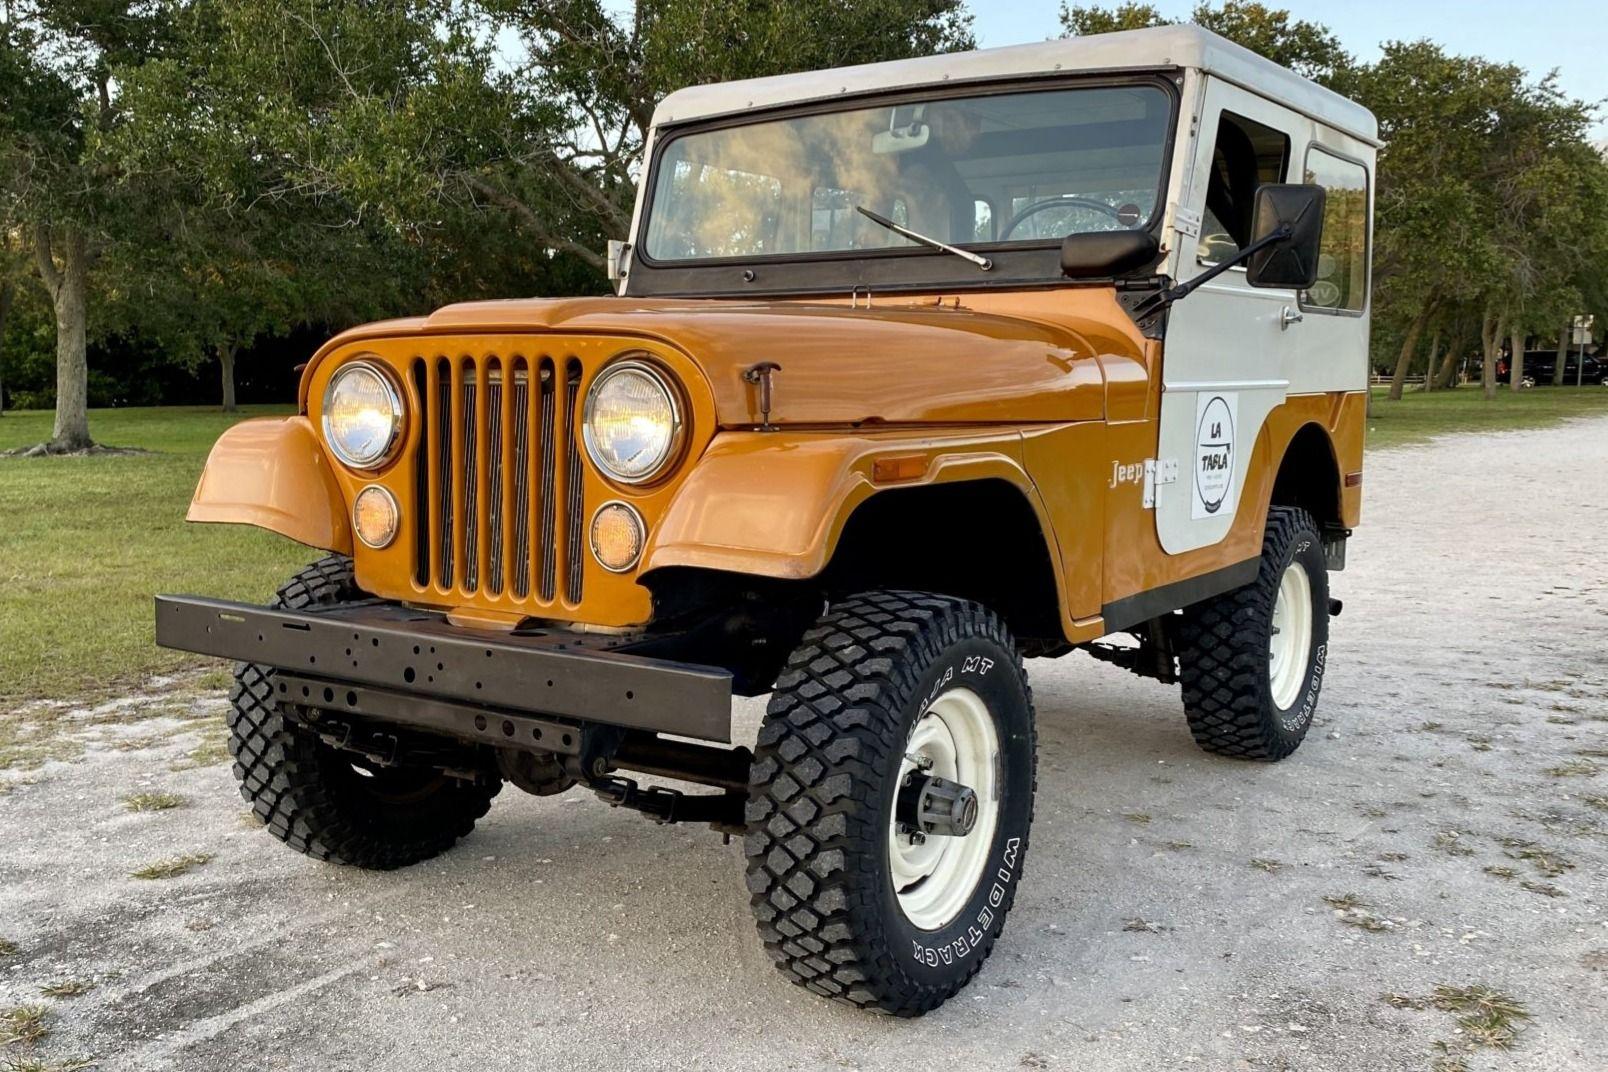 1973 Jeep Cj 5 In 2020 Jeep Cj Jeep Jeep Cj5